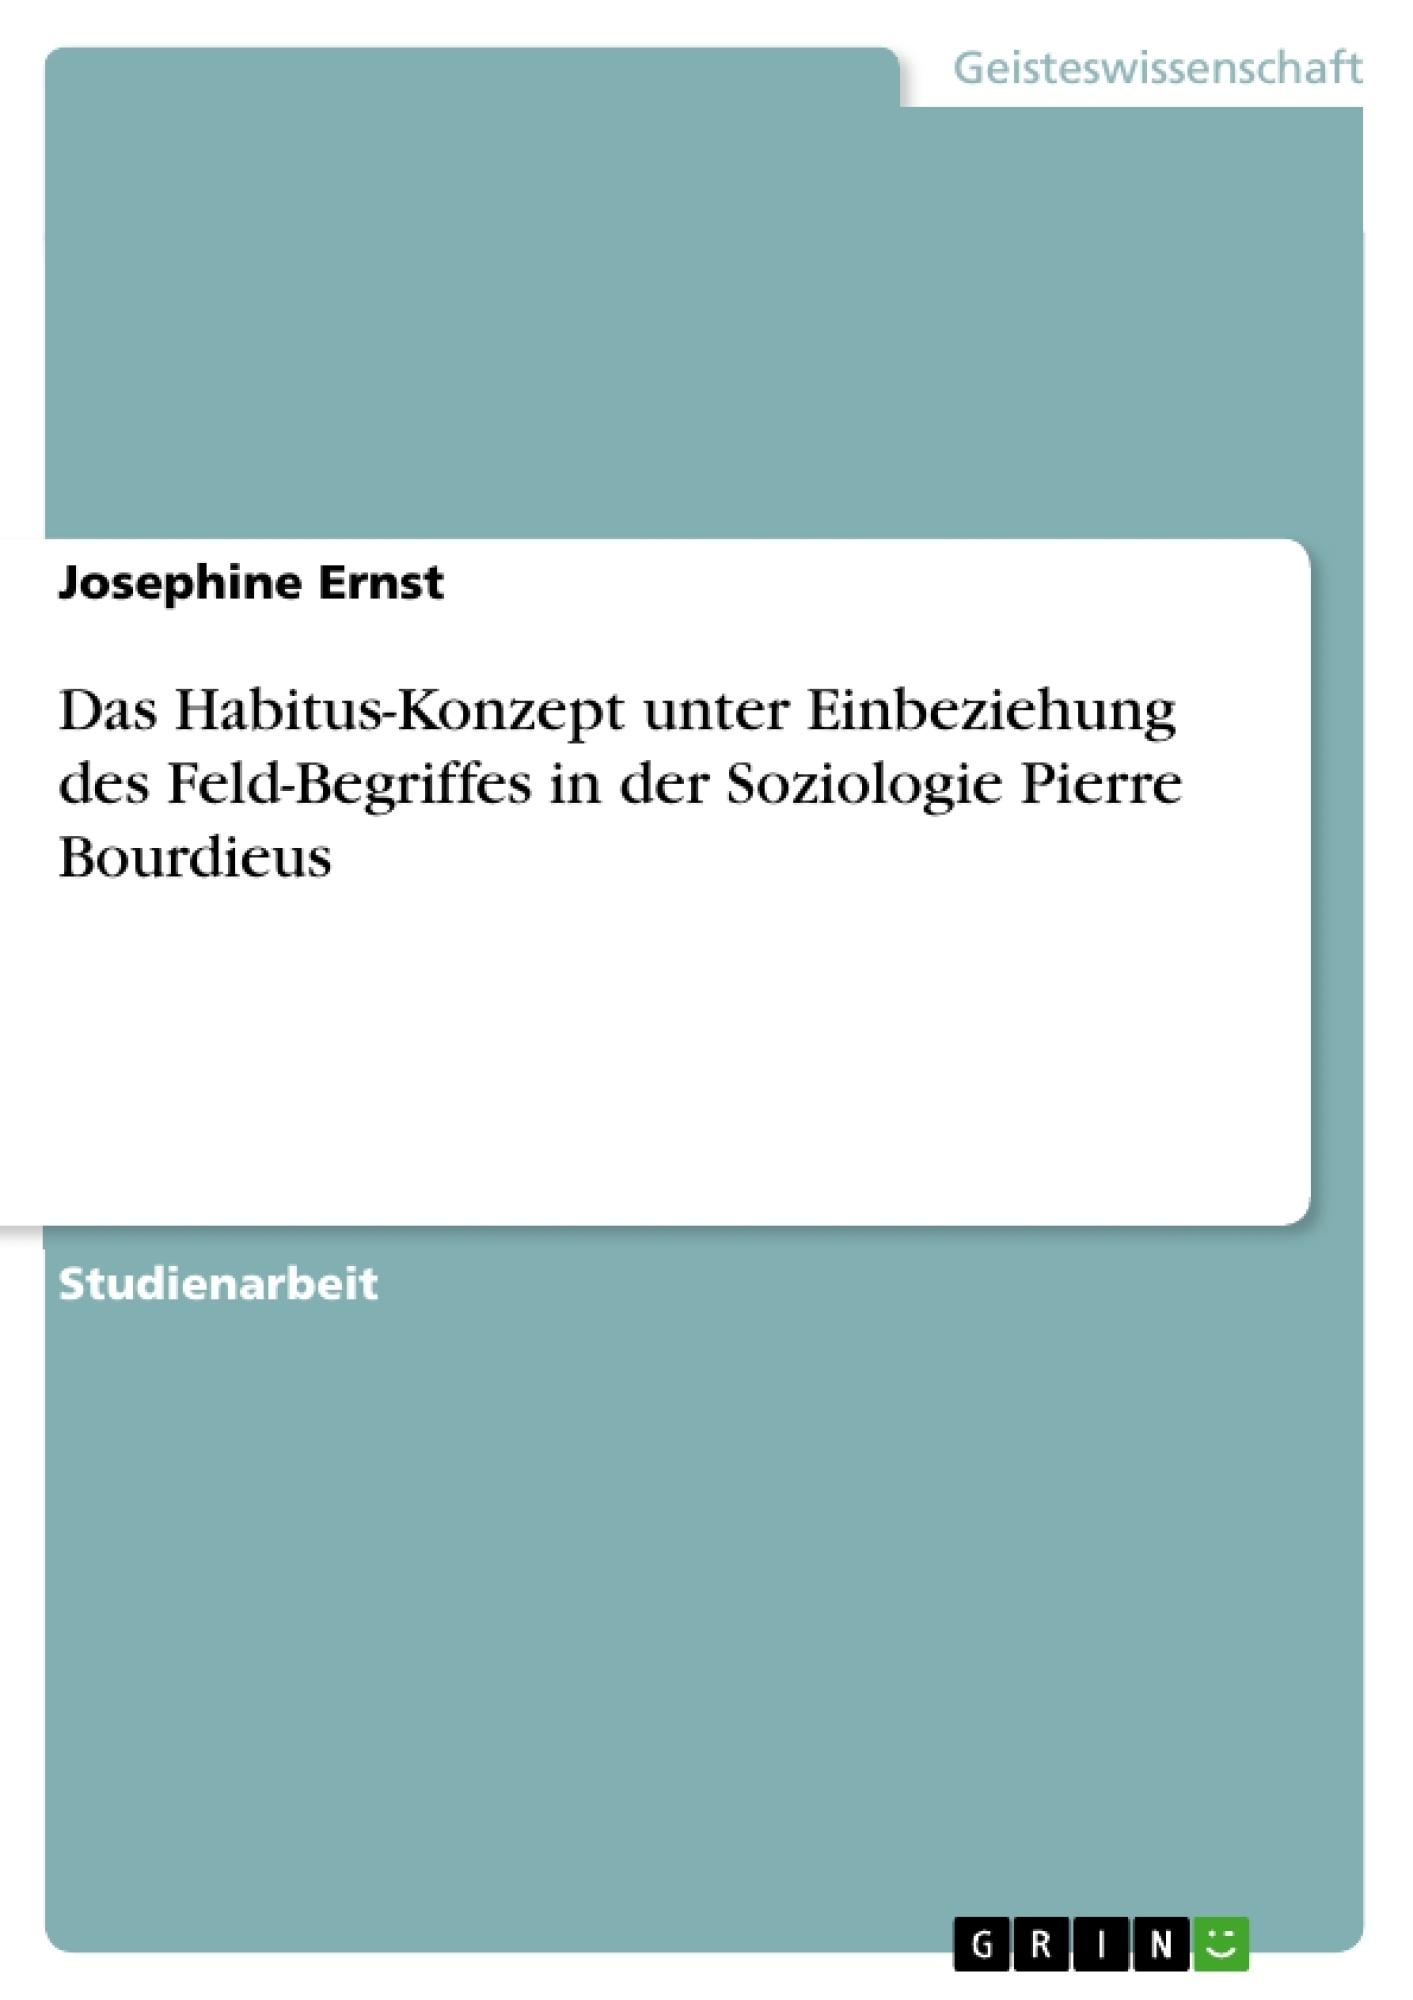 Titel: Das Habitus-Konzept unter Einbeziehung des Feld-Begriffes in der Soziologie Pierre Bourdieus